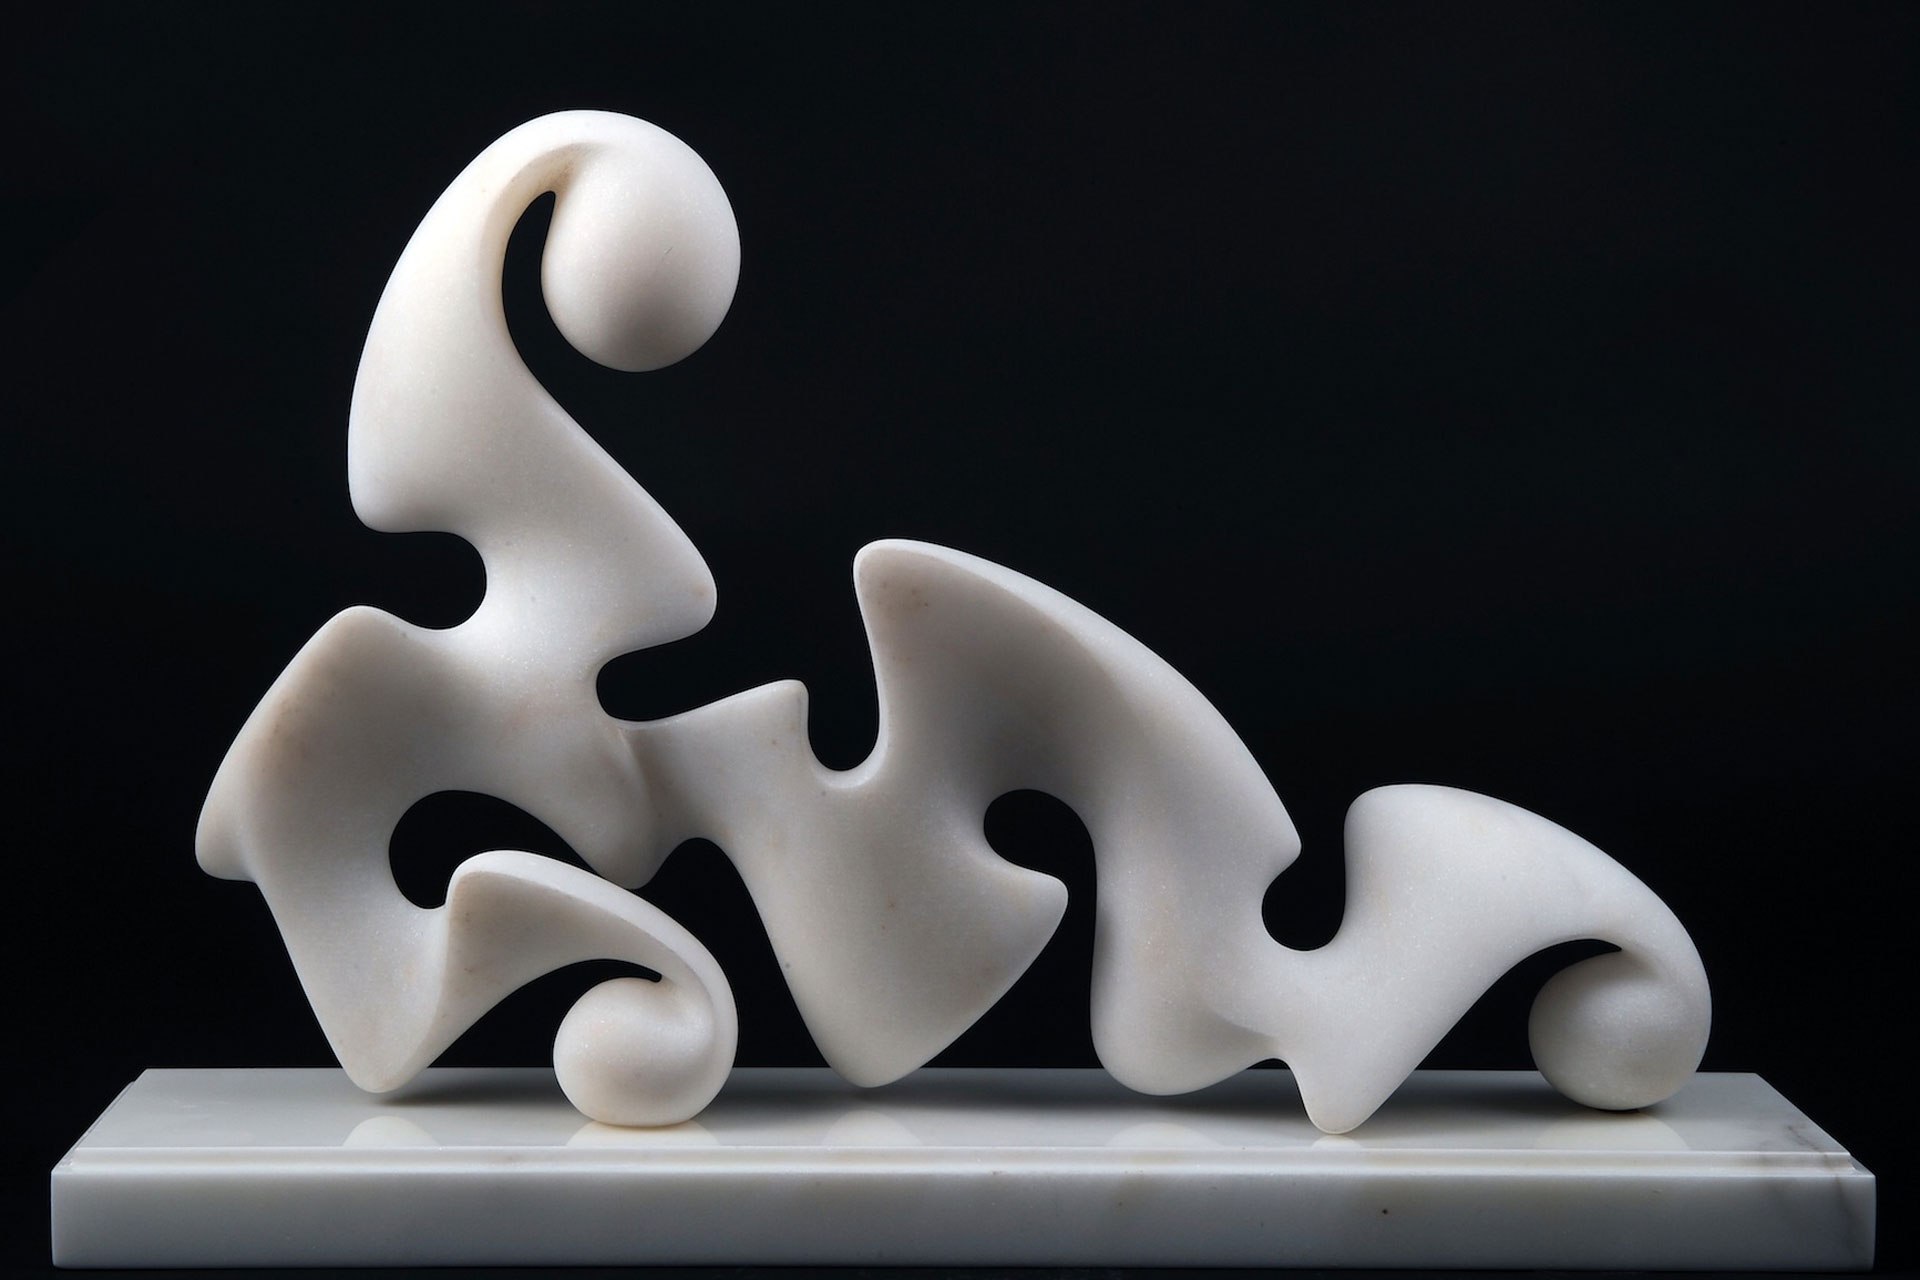 Bianca Odalisca, 2011 - Marmo bianco Thassos, cm 34x52x12